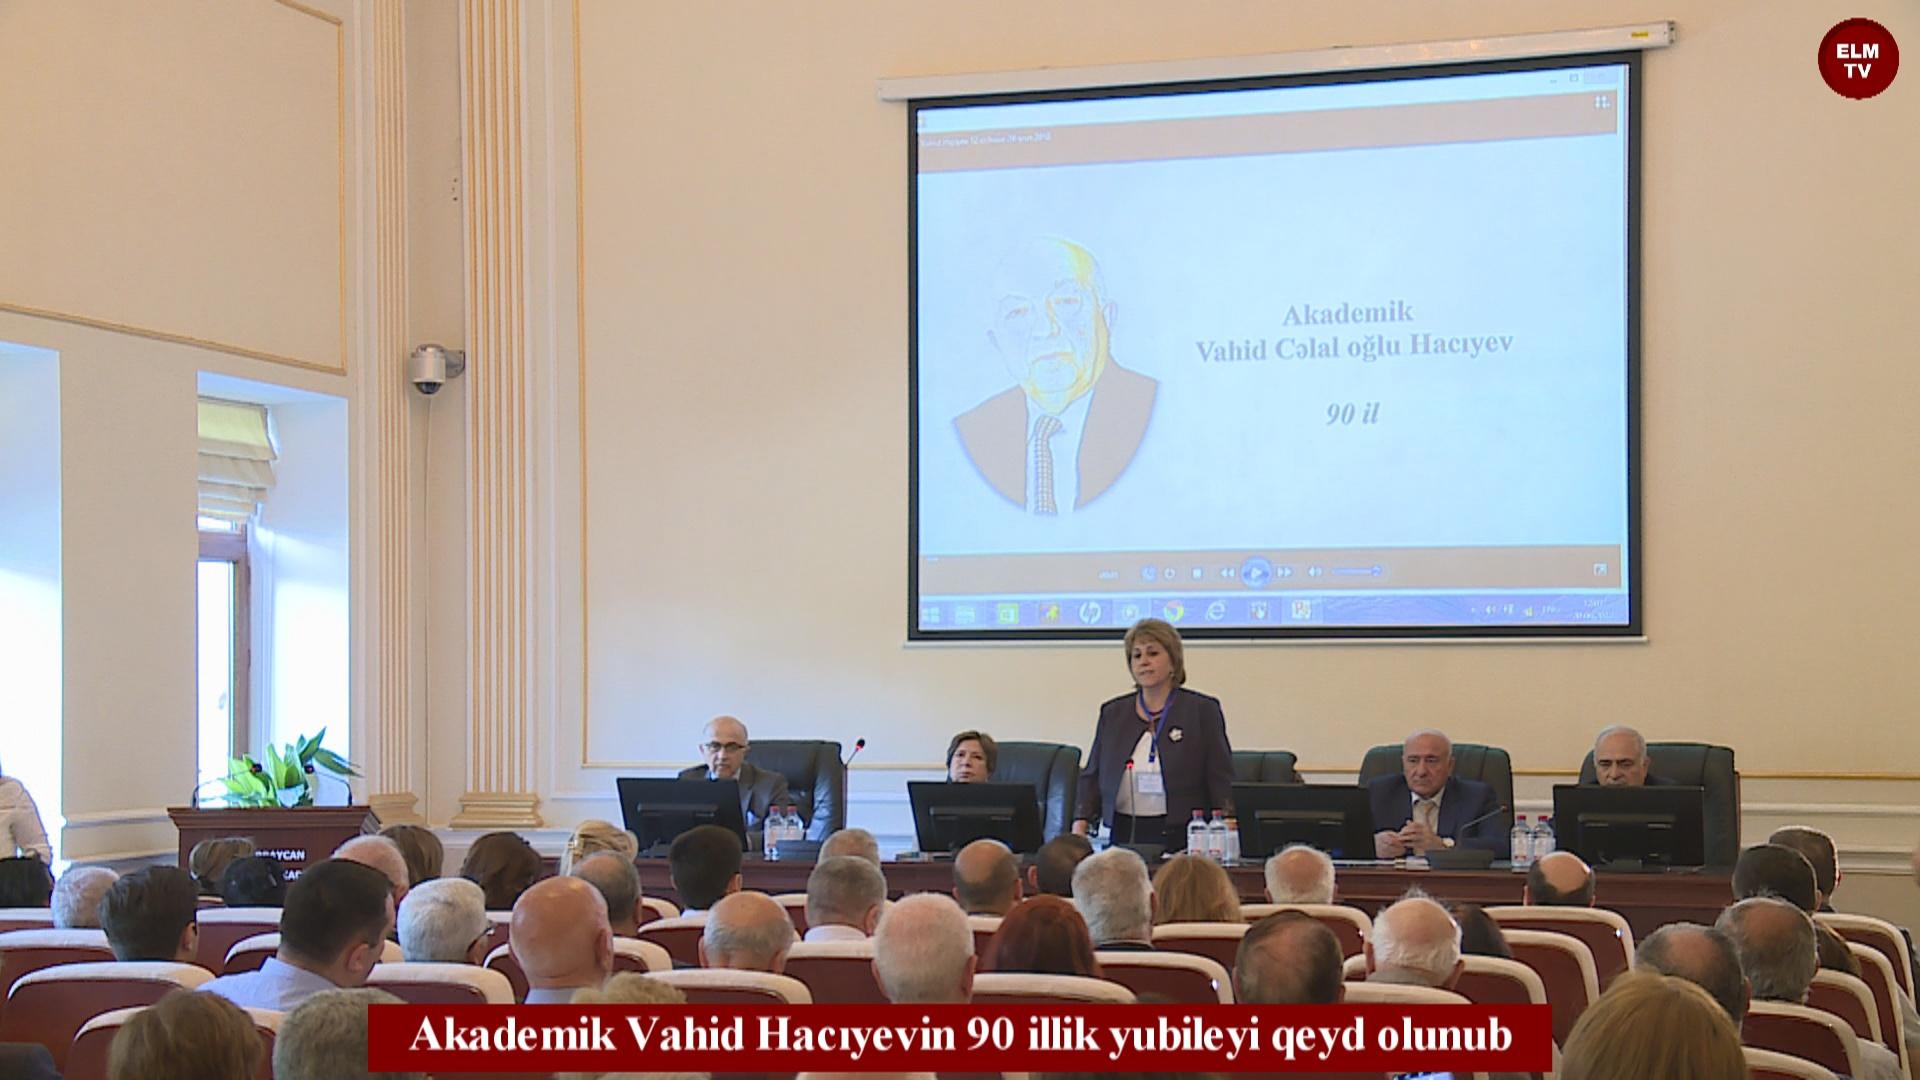 Akademik Vahid Hacıyevin 90 illik yubileyi qeyd olunub